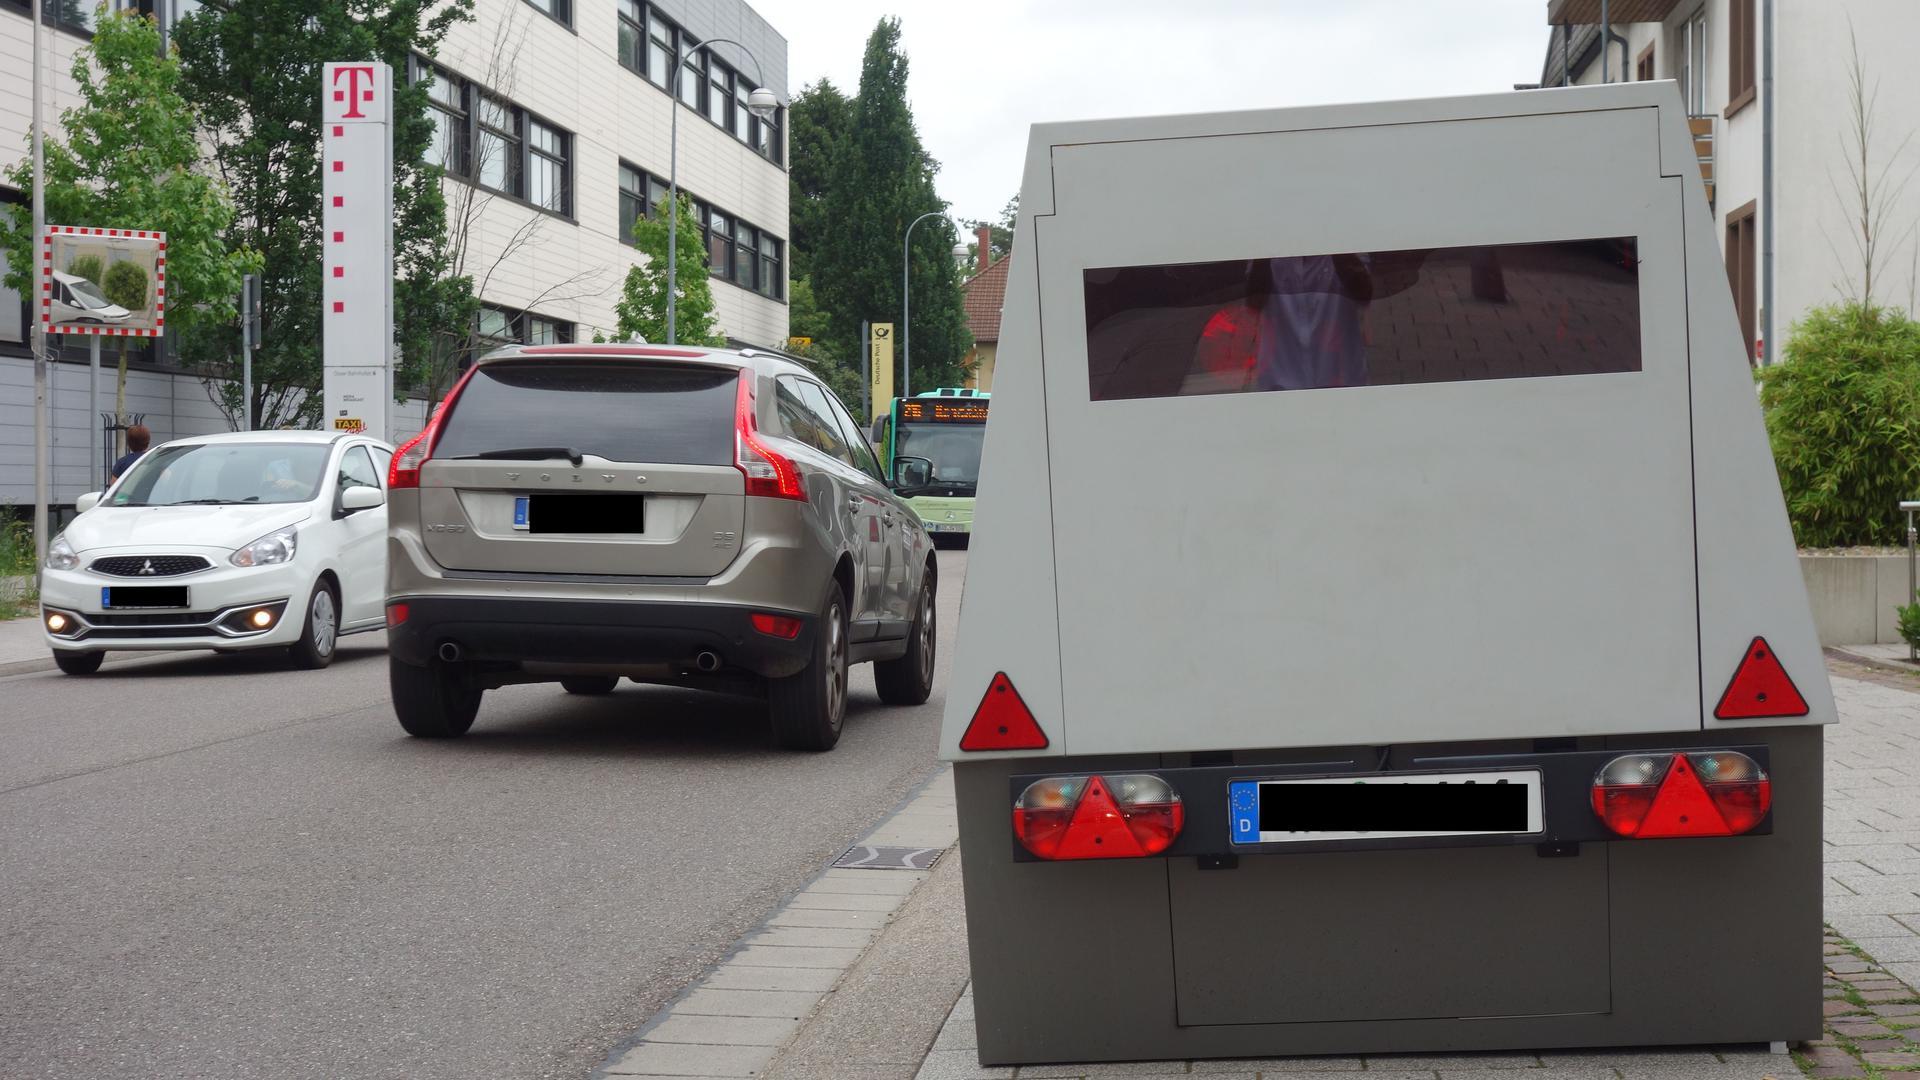 Hat sich aus Sicht der Stadt bewährt: Der Enforcement Trailer zur Geschwindigkeitsüberwachung. Im nächsten Jahr soll ein zweiter Anhänger angeschafft werden.